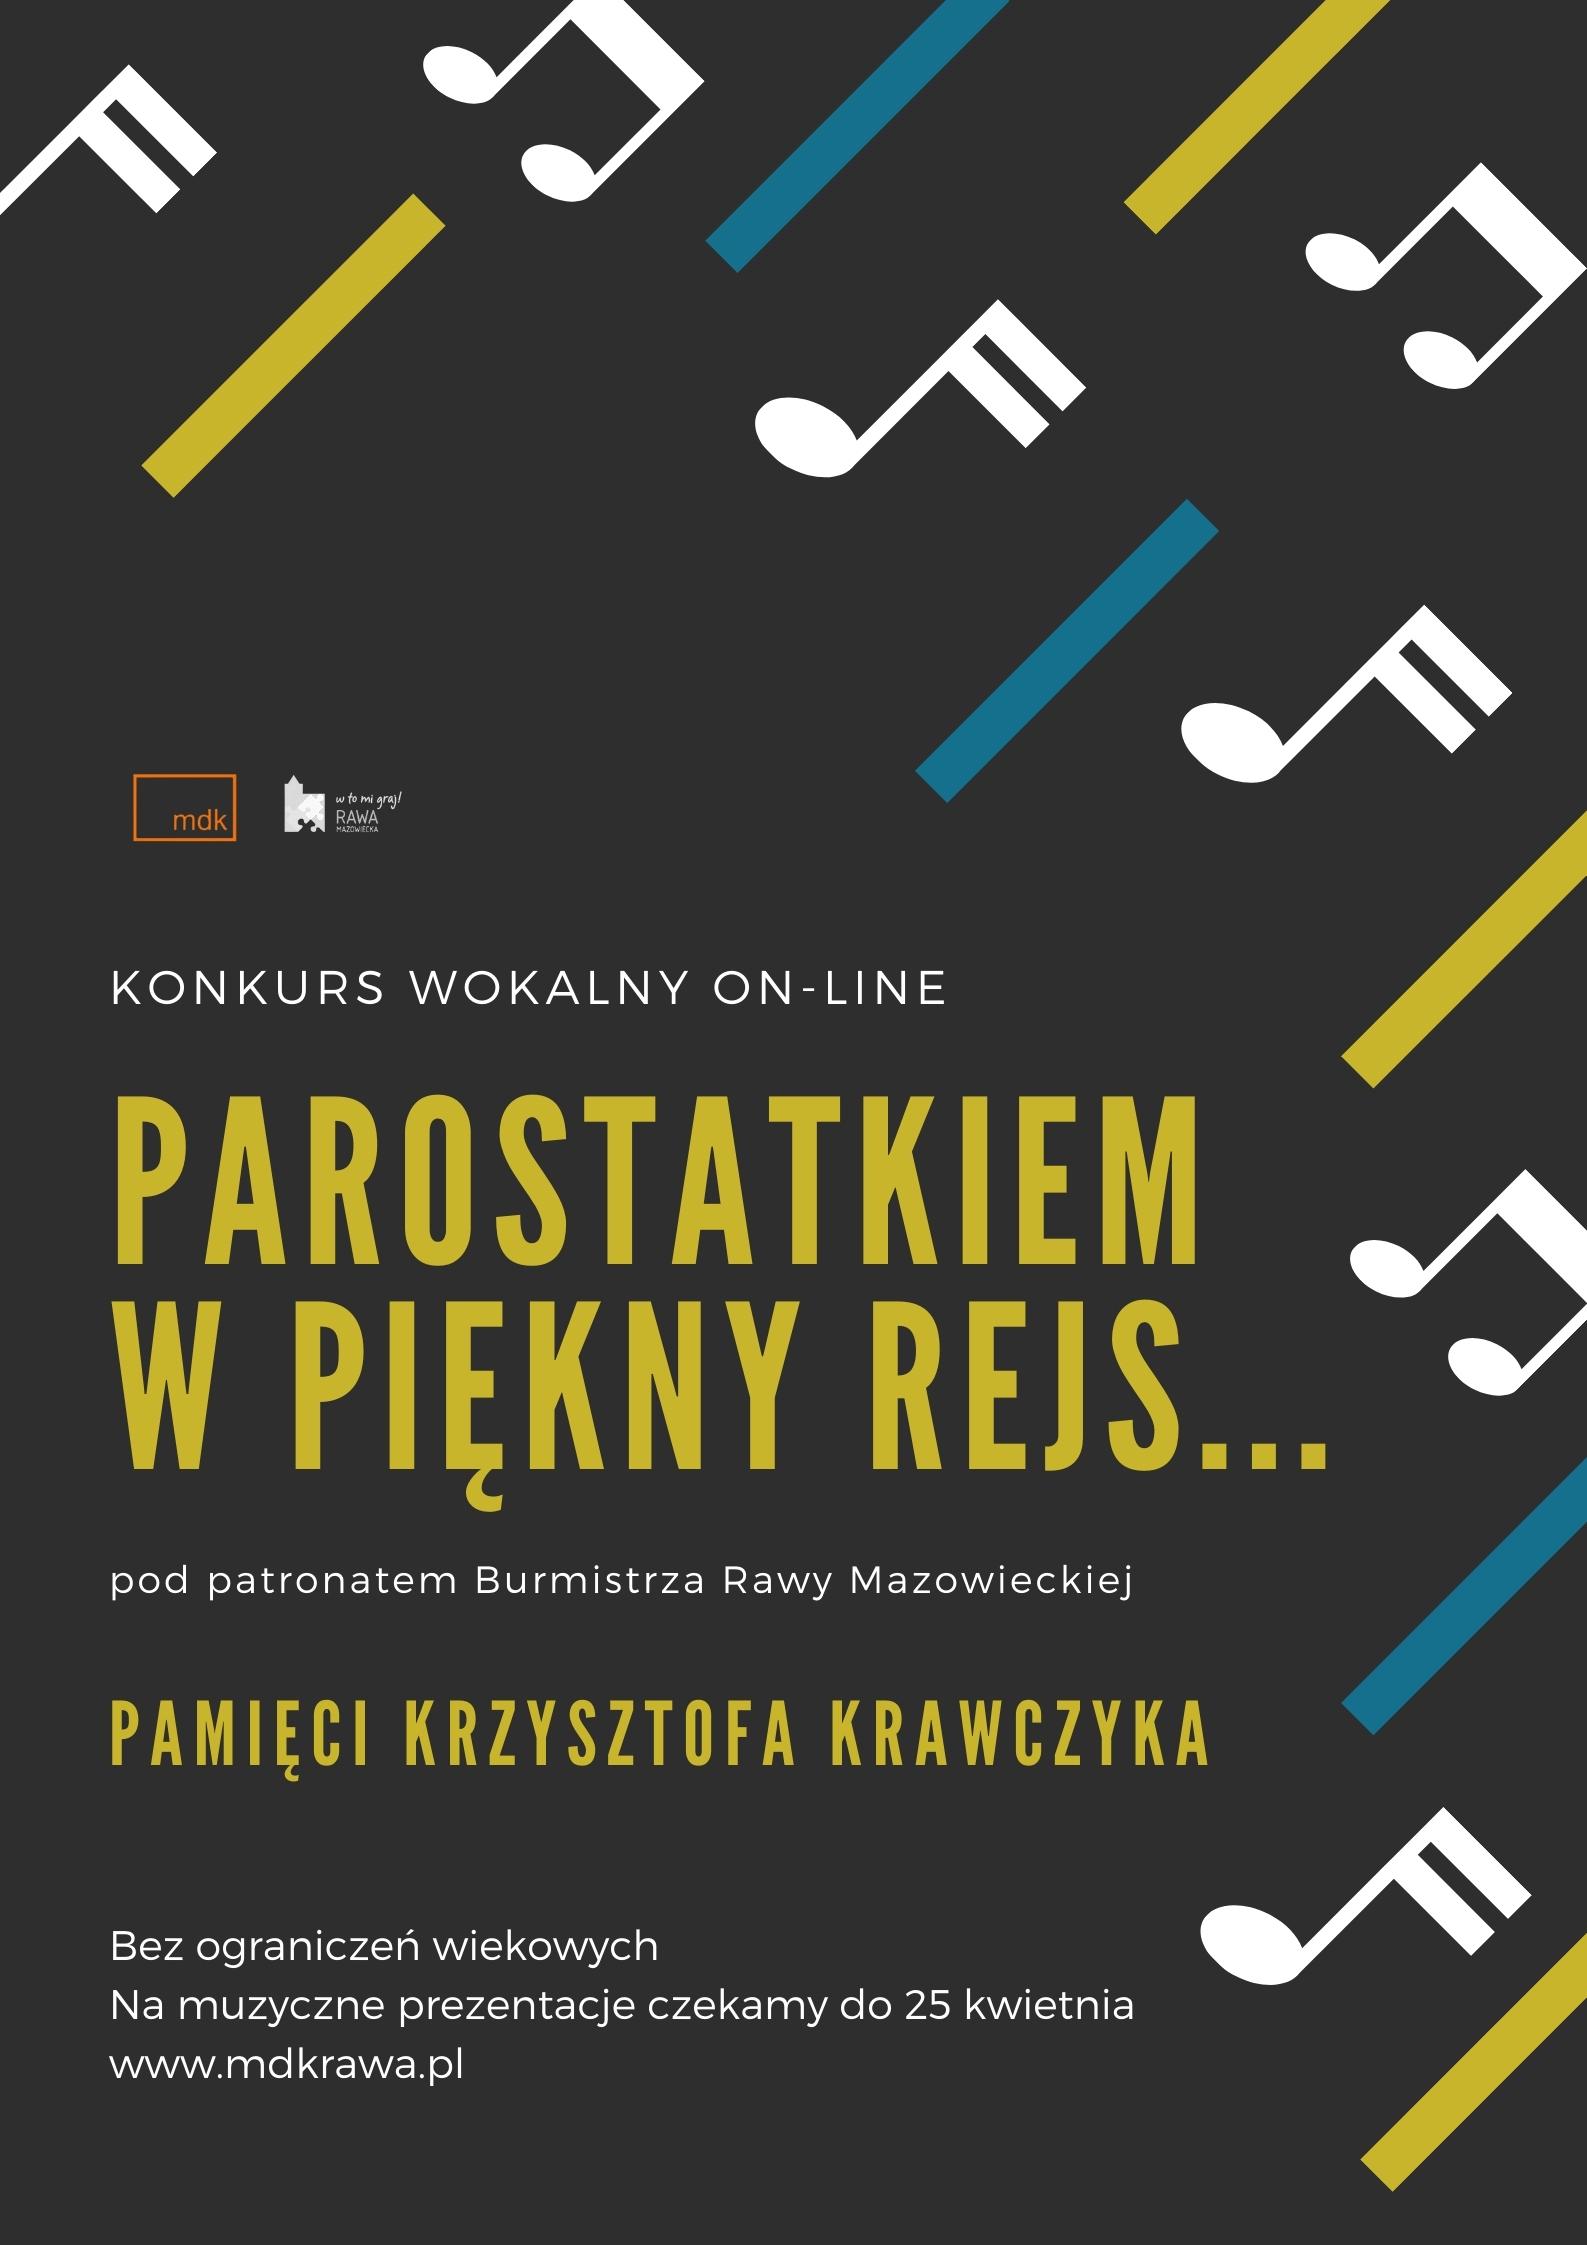 Konkurs wokalny on-line pamięci Krzysztofa Krawczyka kocham Rawę